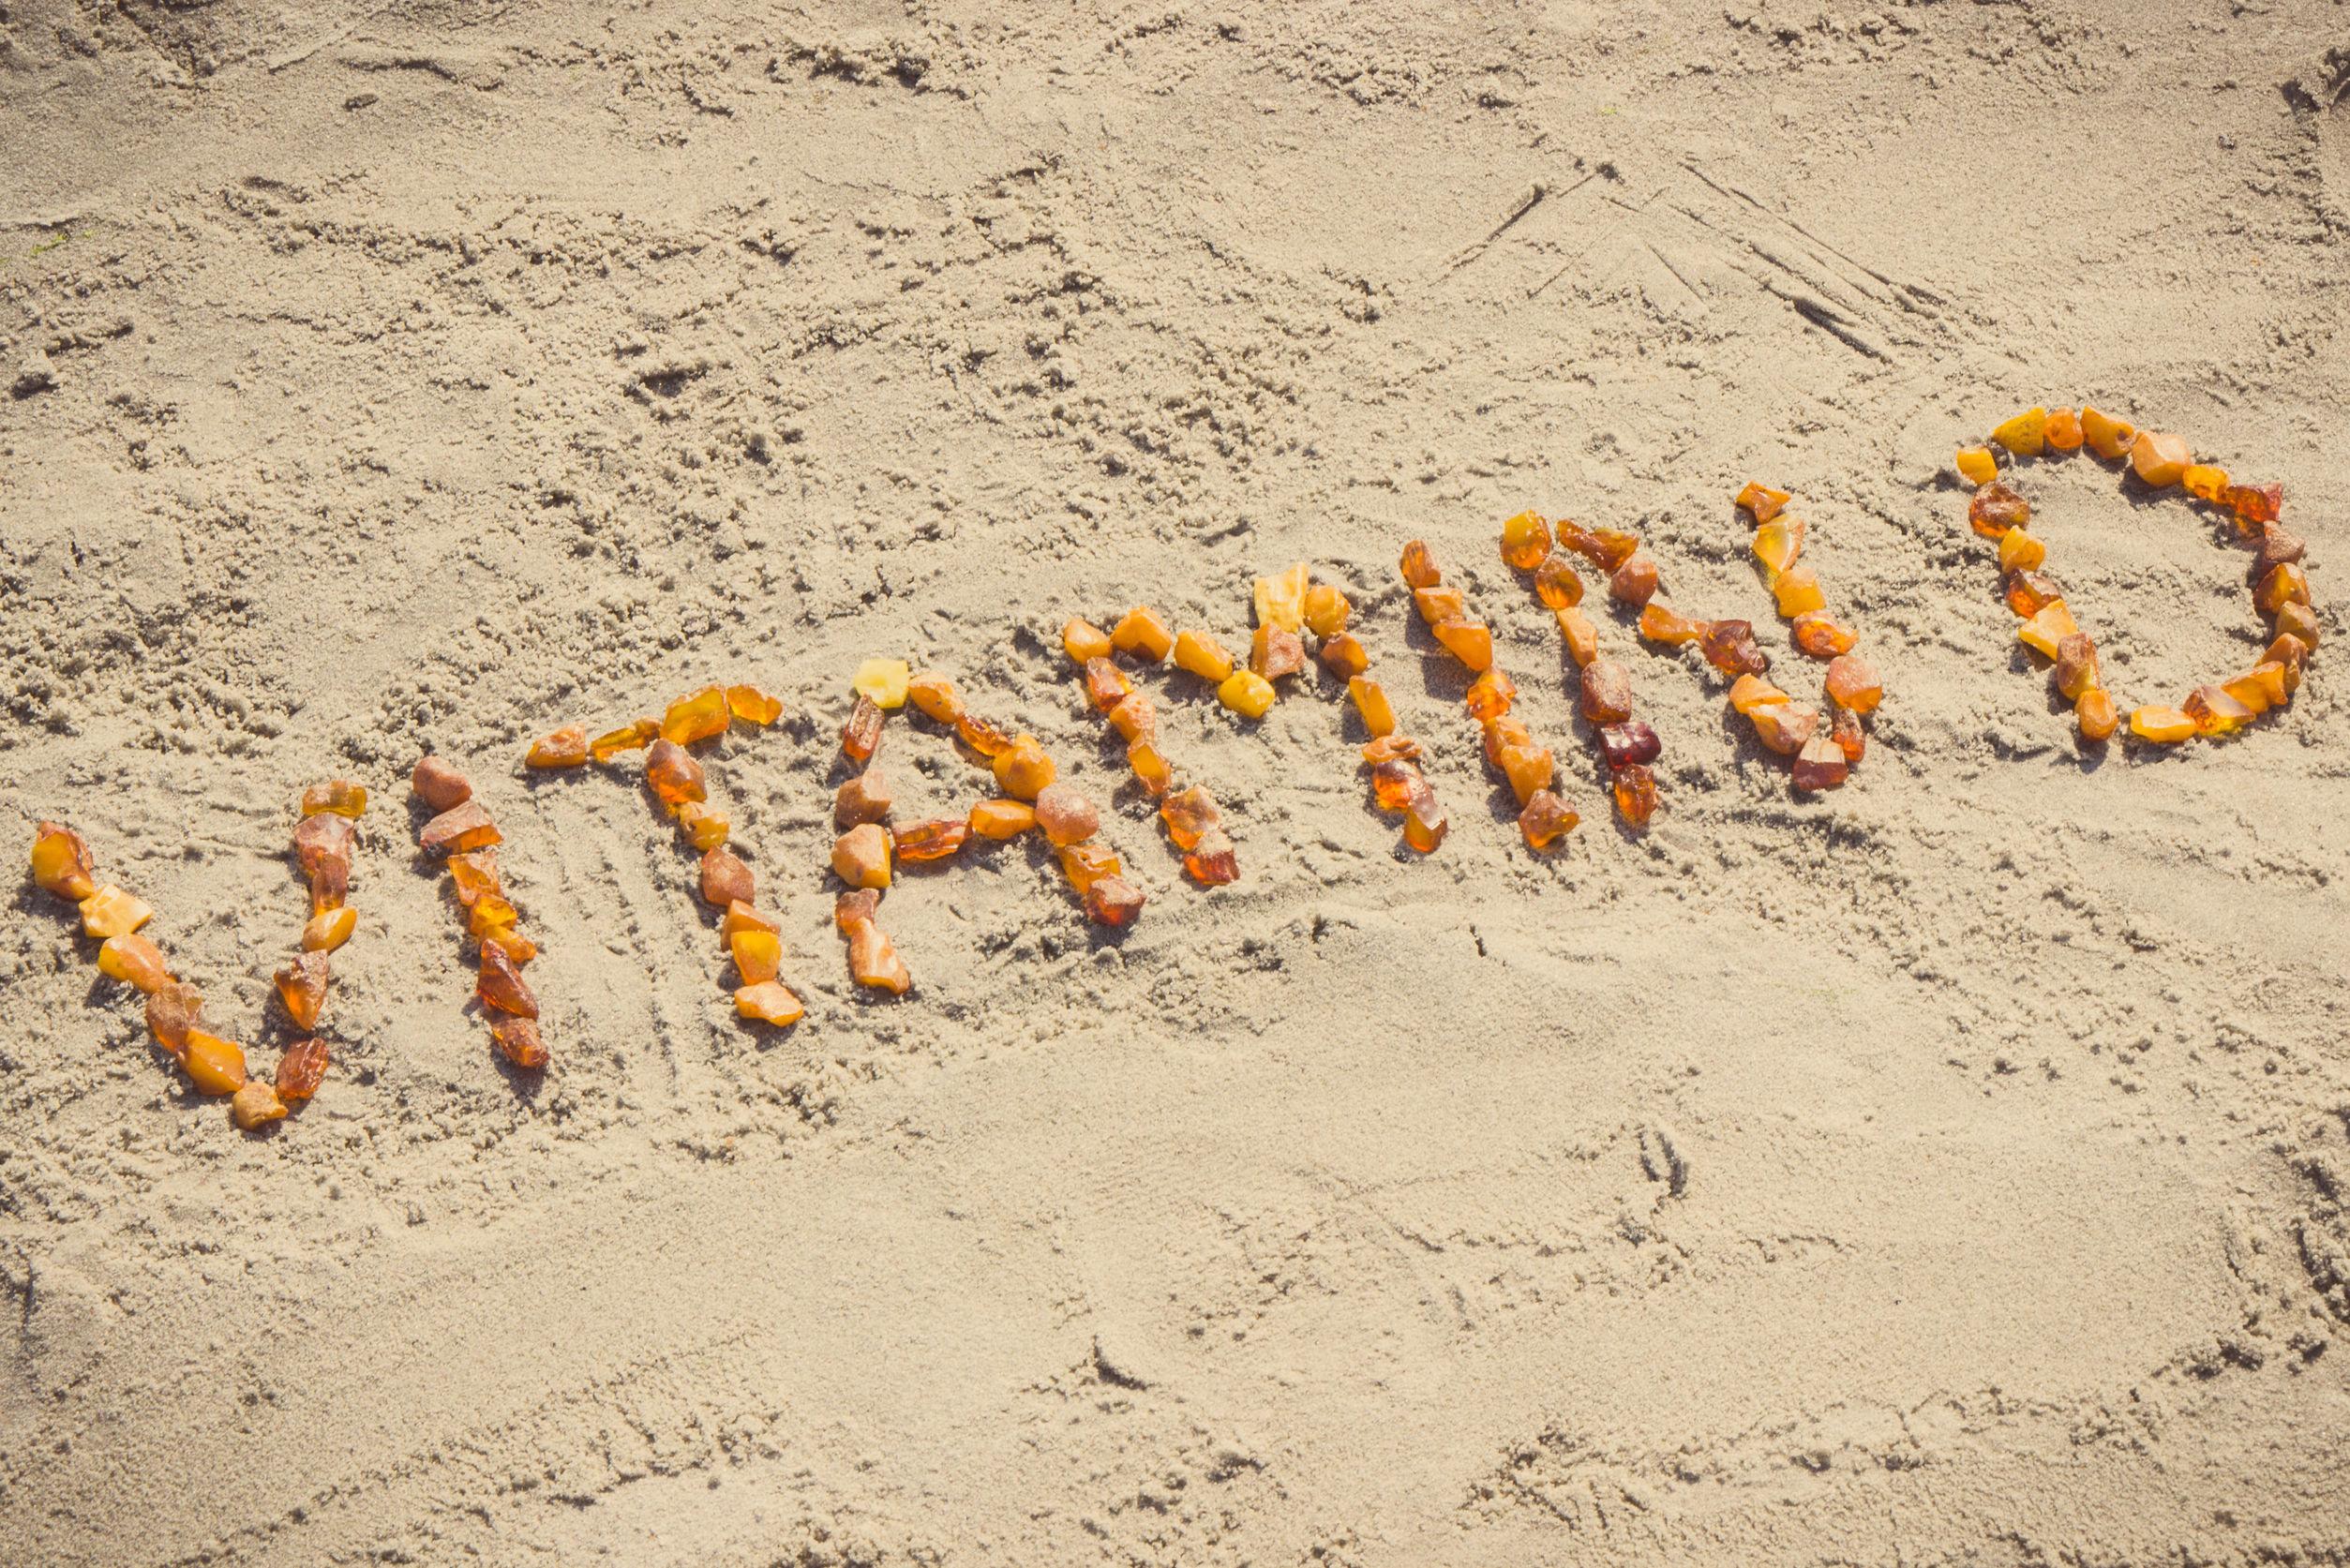 Baixo nível de vitamina D pode aumentar o risco de infecção por COVID-19 - Naturopathic Doctor News and Review 2